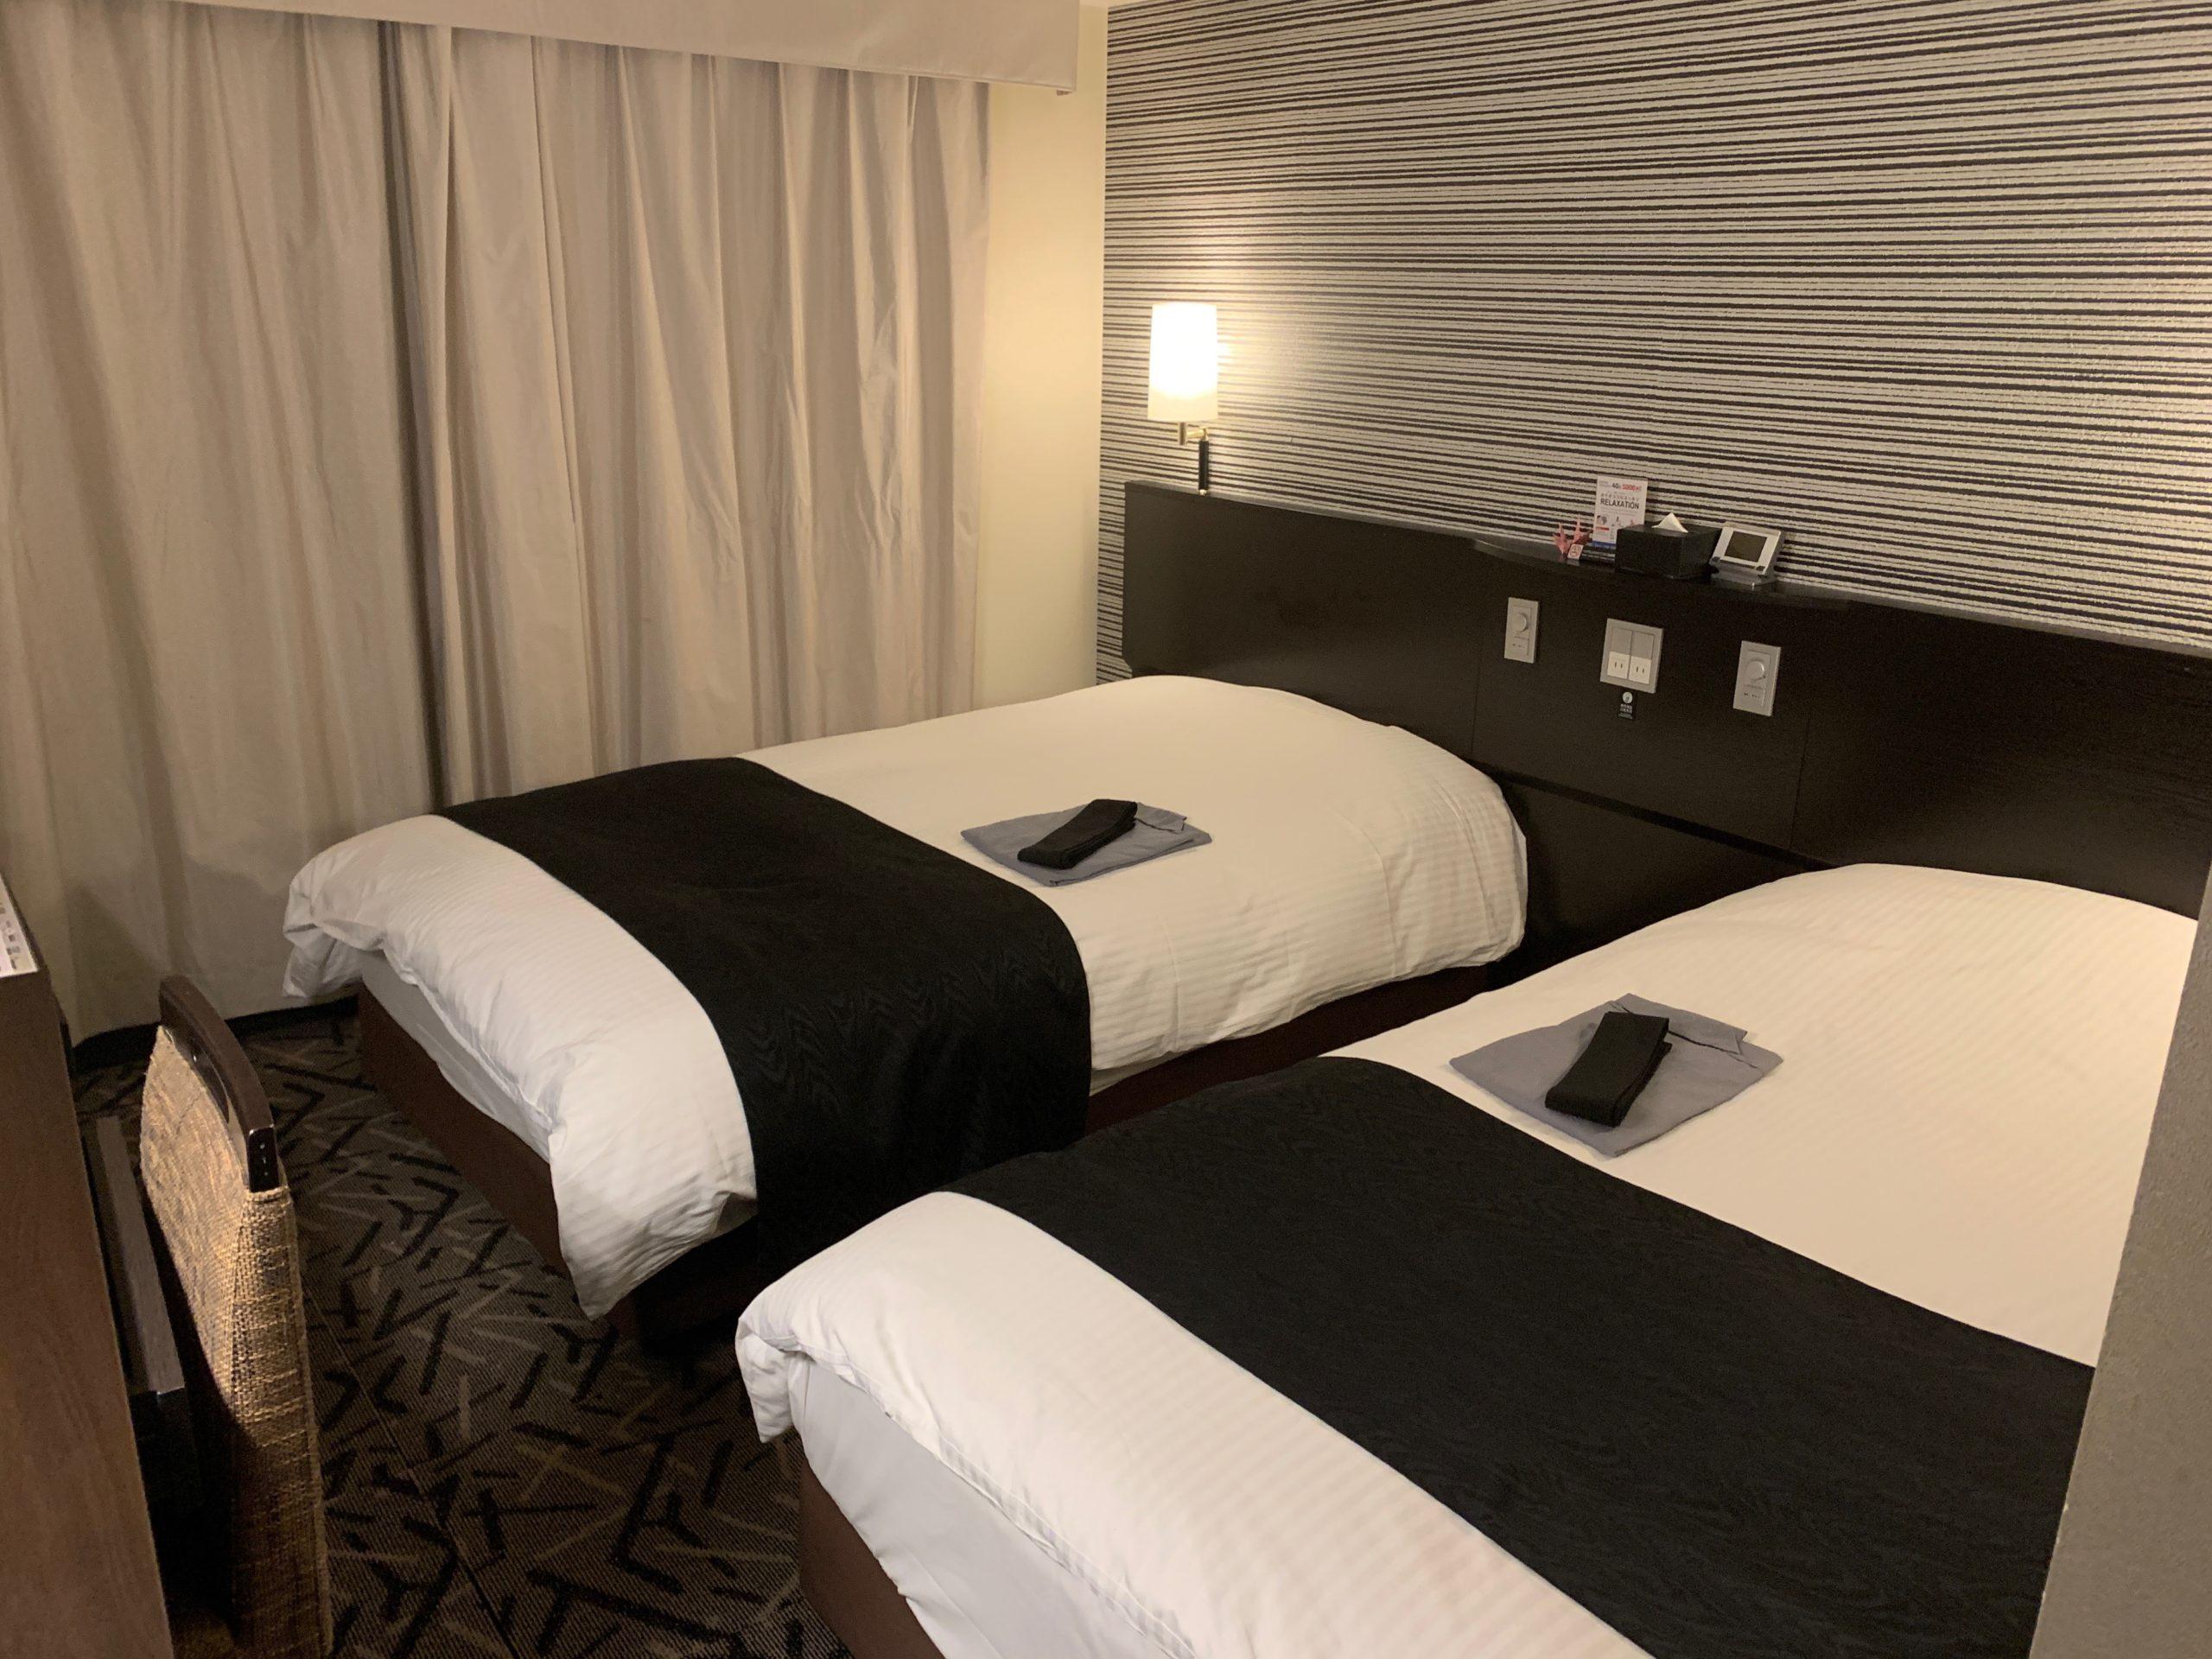 アパホテル&リゾーツ幕張ウエストウイングのツインルーム